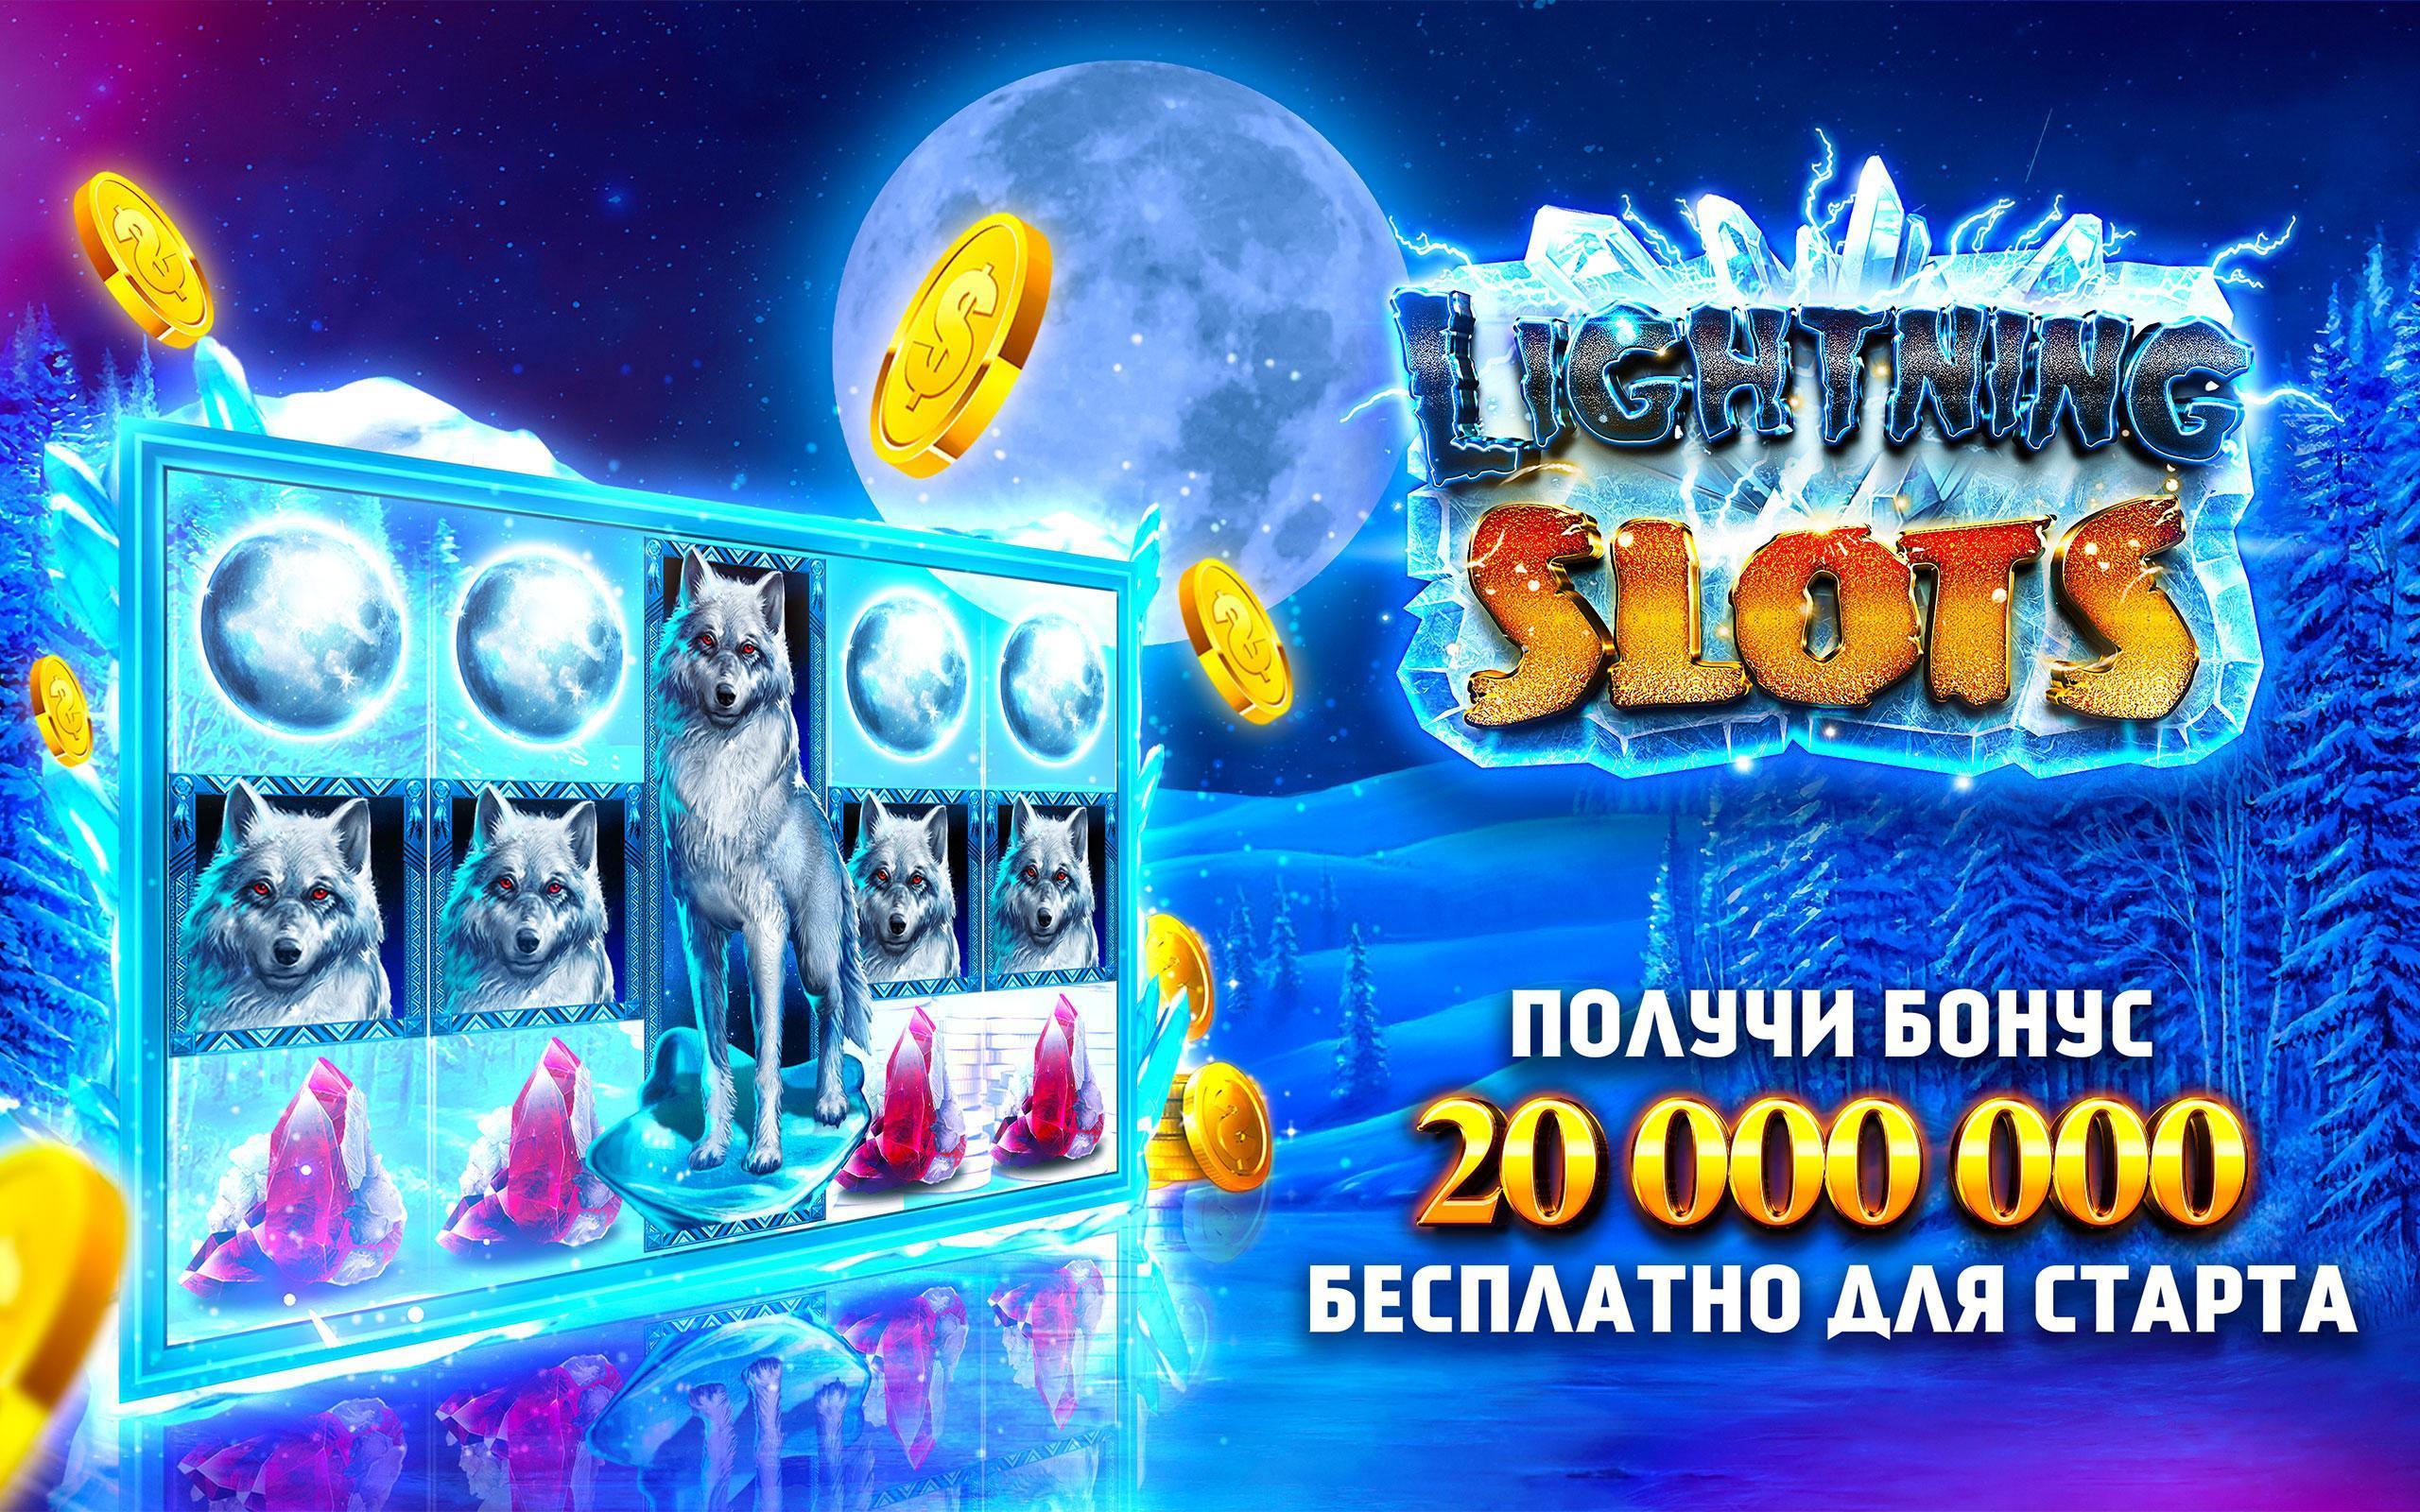 Игровые автоматы играть бесплатно в луны продажа игровых автоматов цена